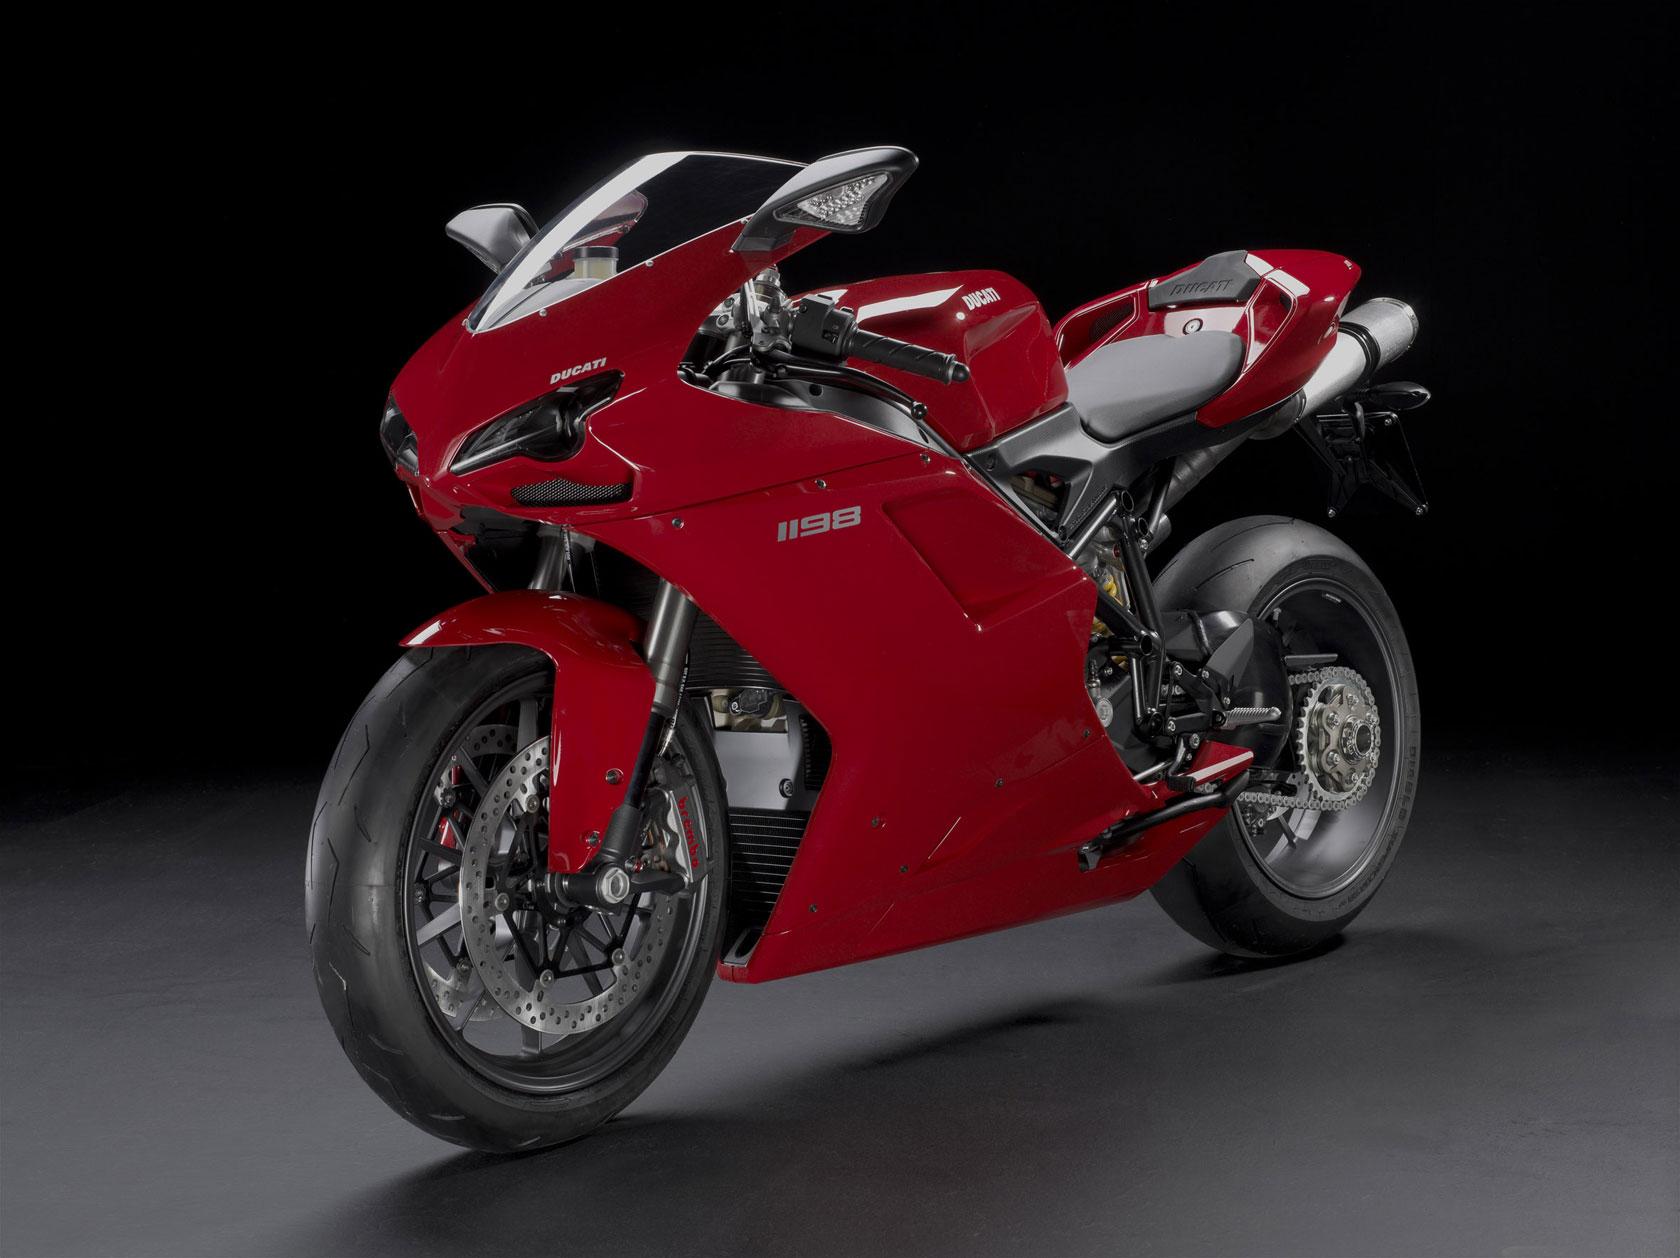 Koleksi wallpaper motor Ducati   BarudakGudang